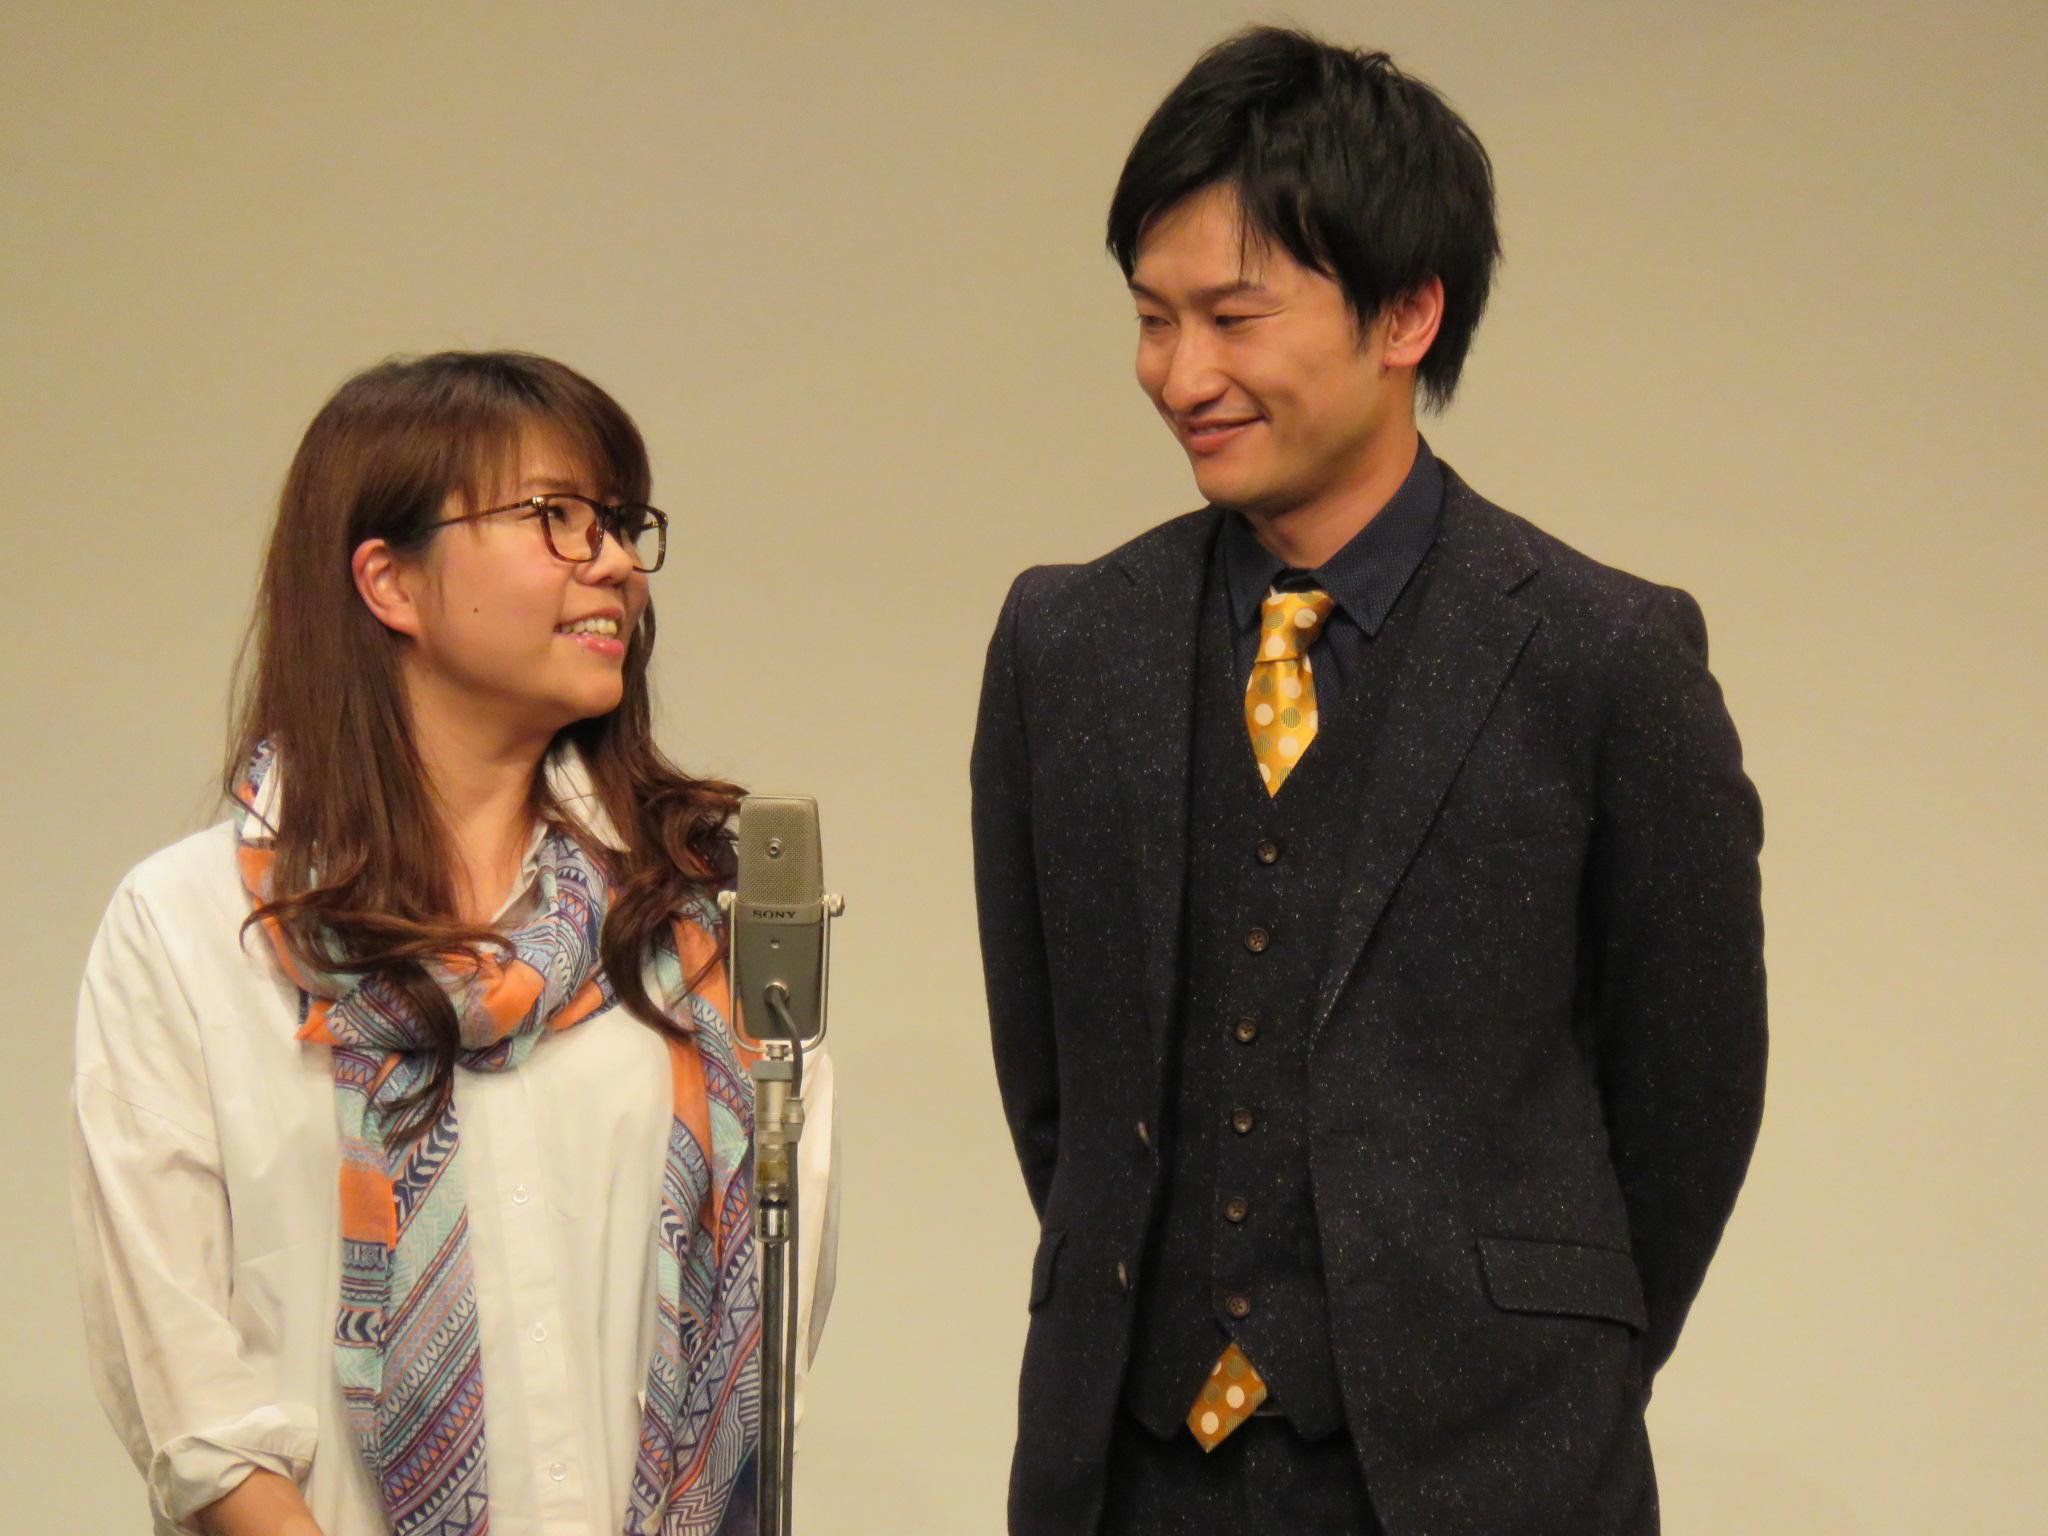 http://news.yoshimoto.co.jp/20170419153311-ca2c08b9969f532ec4c3f79da81e4f2b05247127.jpg